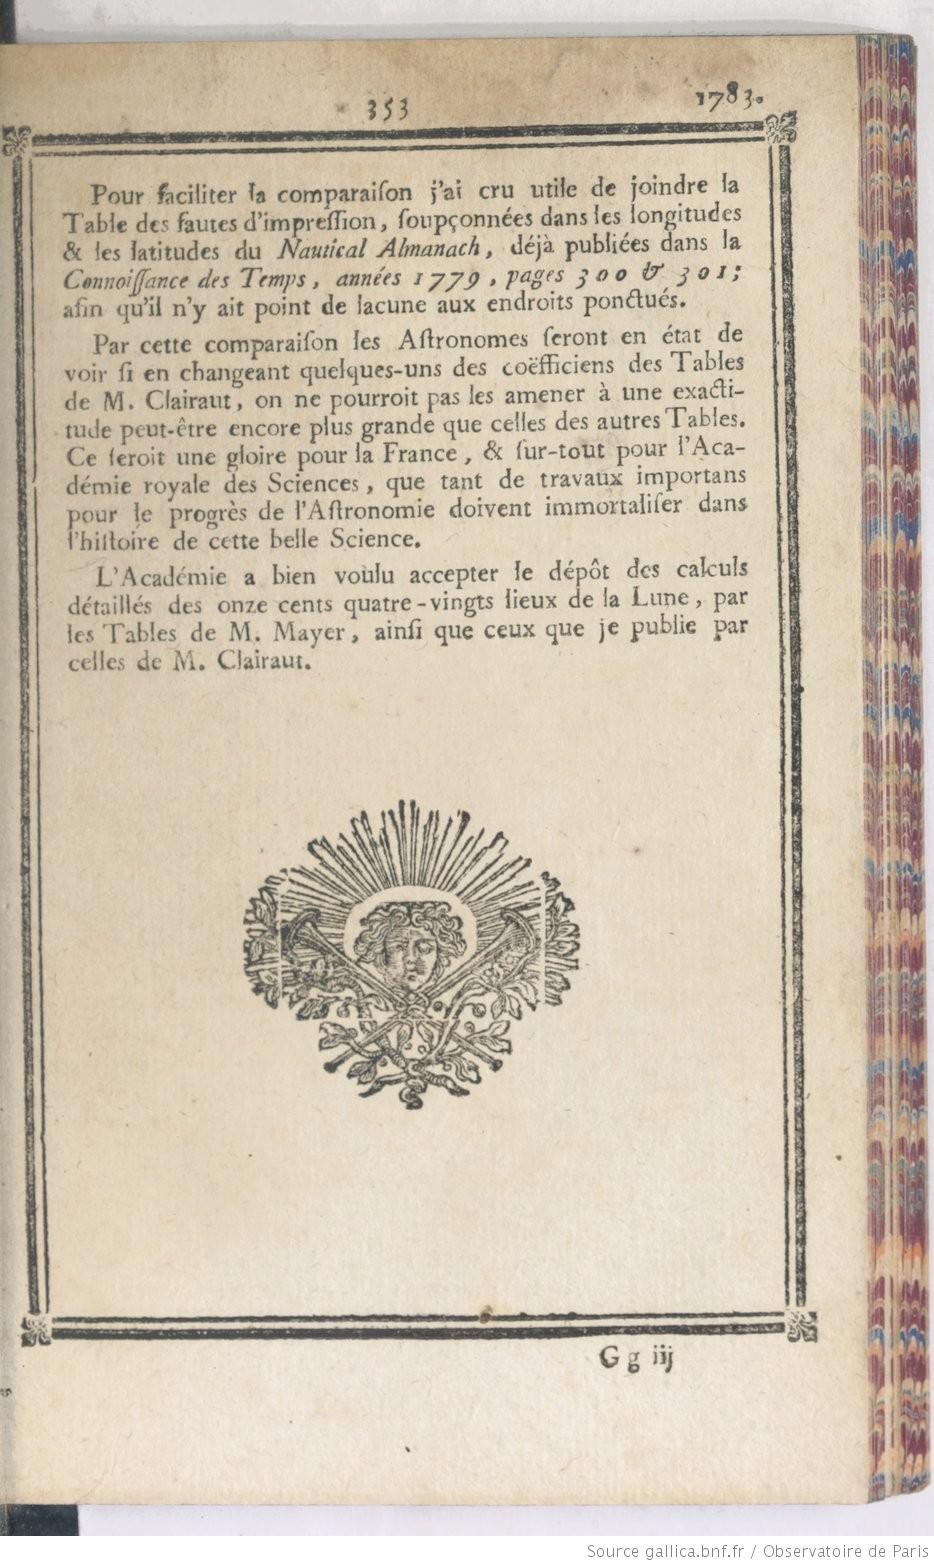 Extrait de la CDT 1783, p. 353